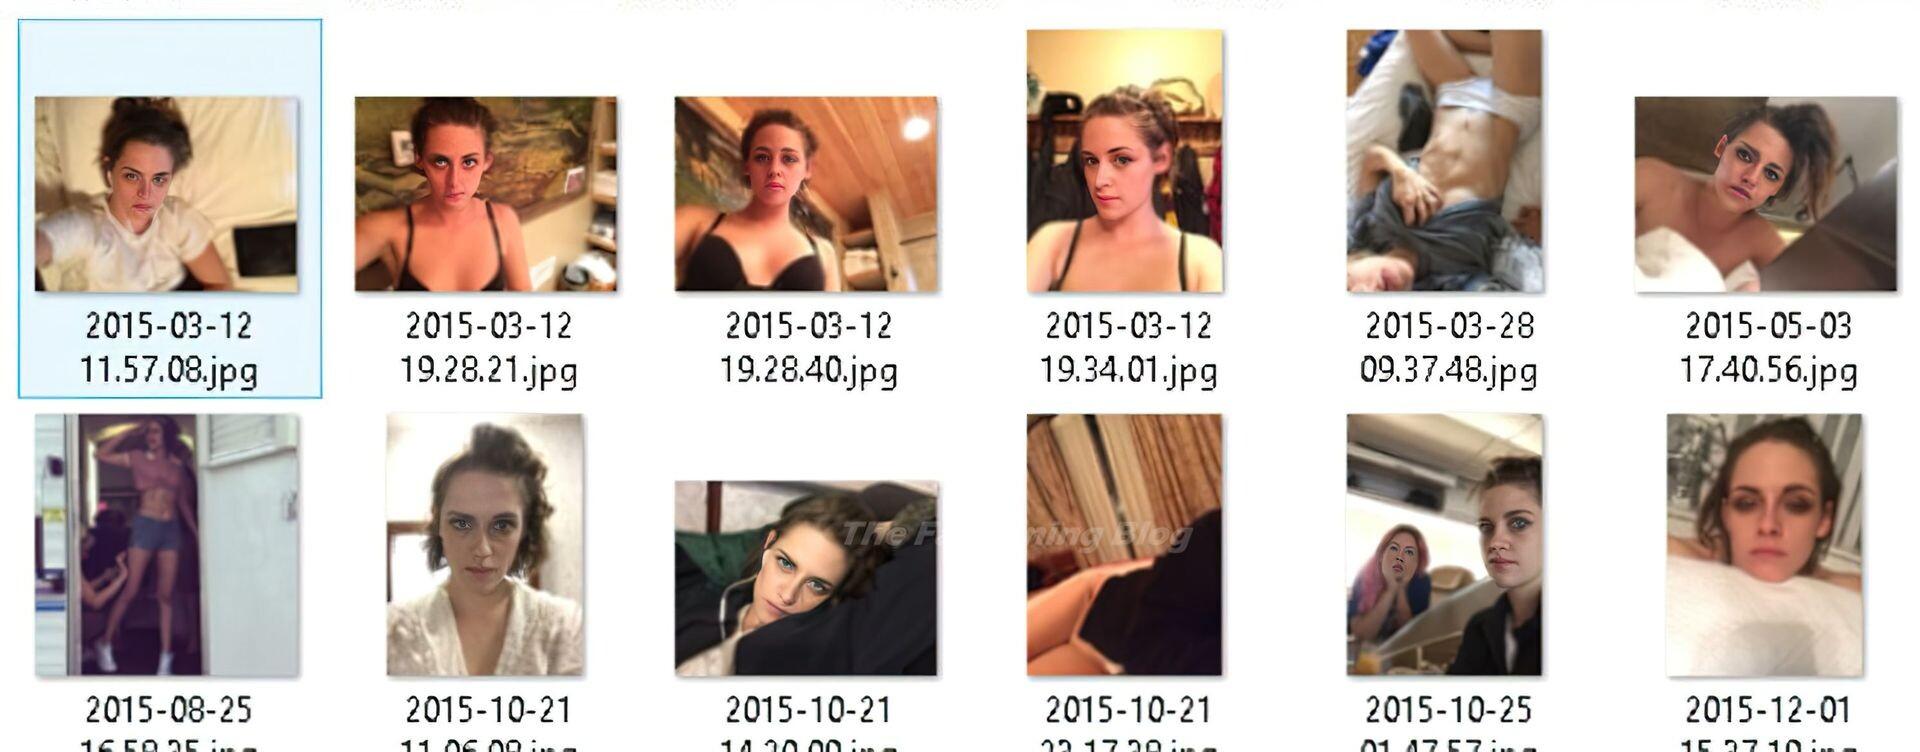 Kristen Stewart Nude Leaked 176 fappenings.com